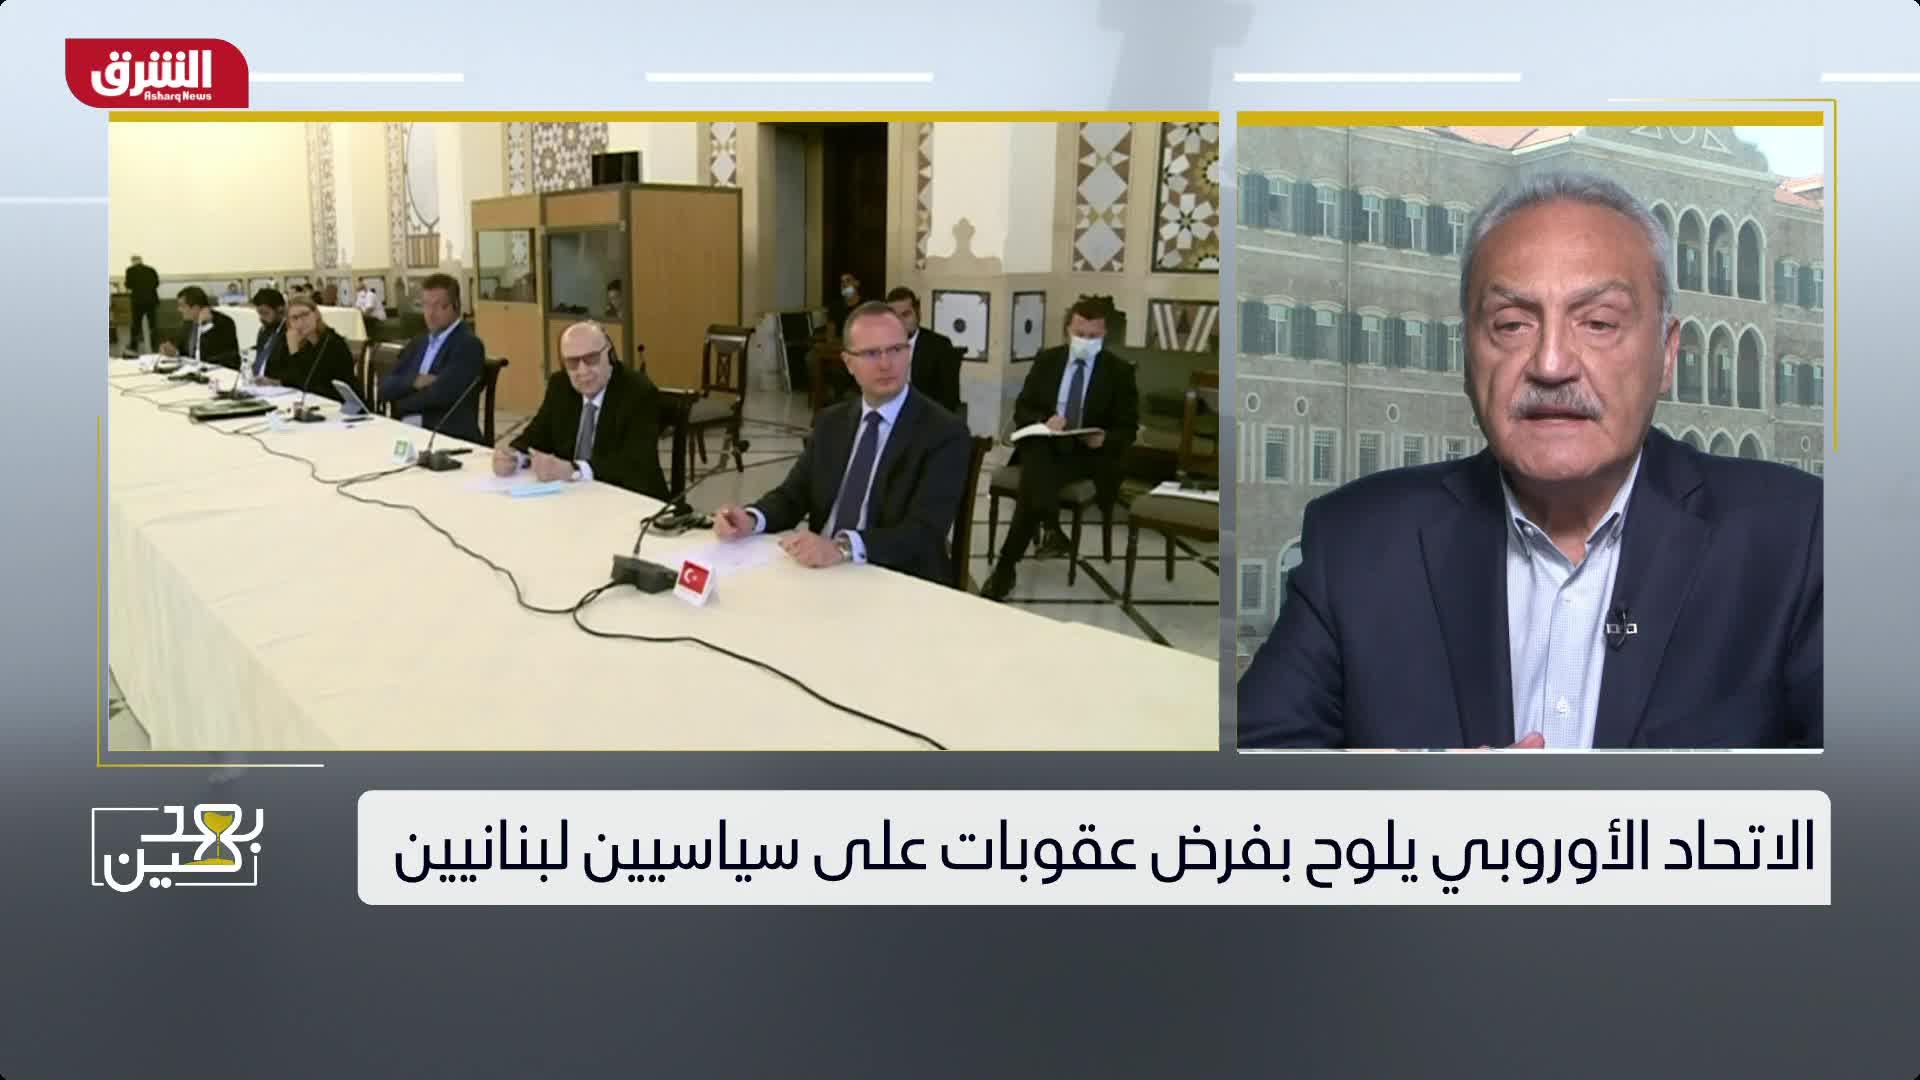 ما هو تفسير أزمة تشكيل الحكومة في لبنان؟